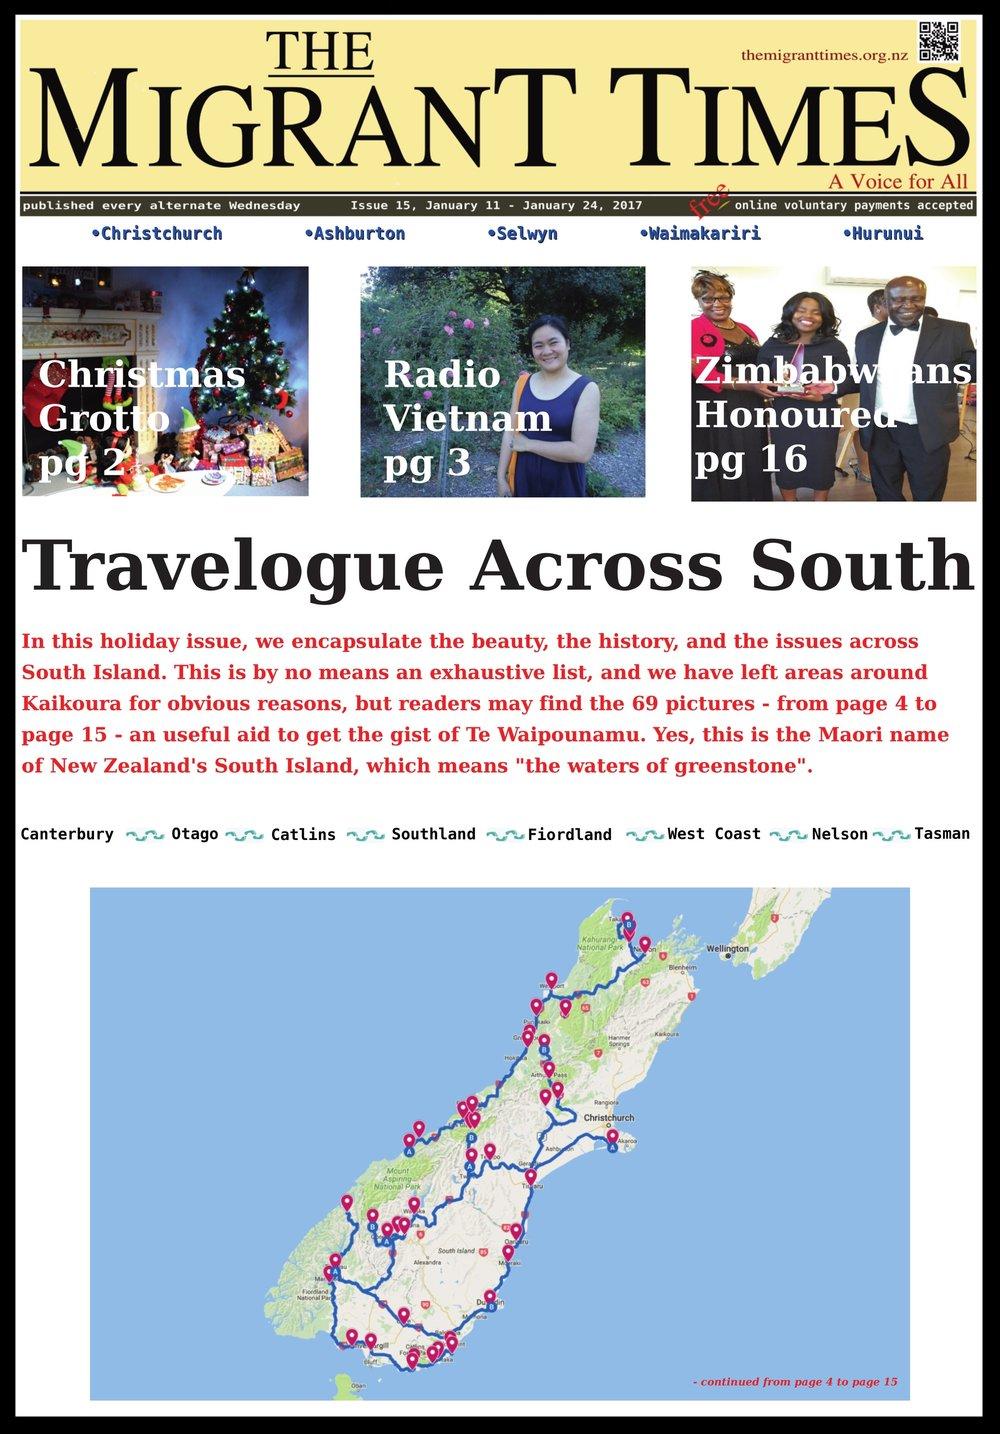 Issue 15, January 11 - January 24, 2017